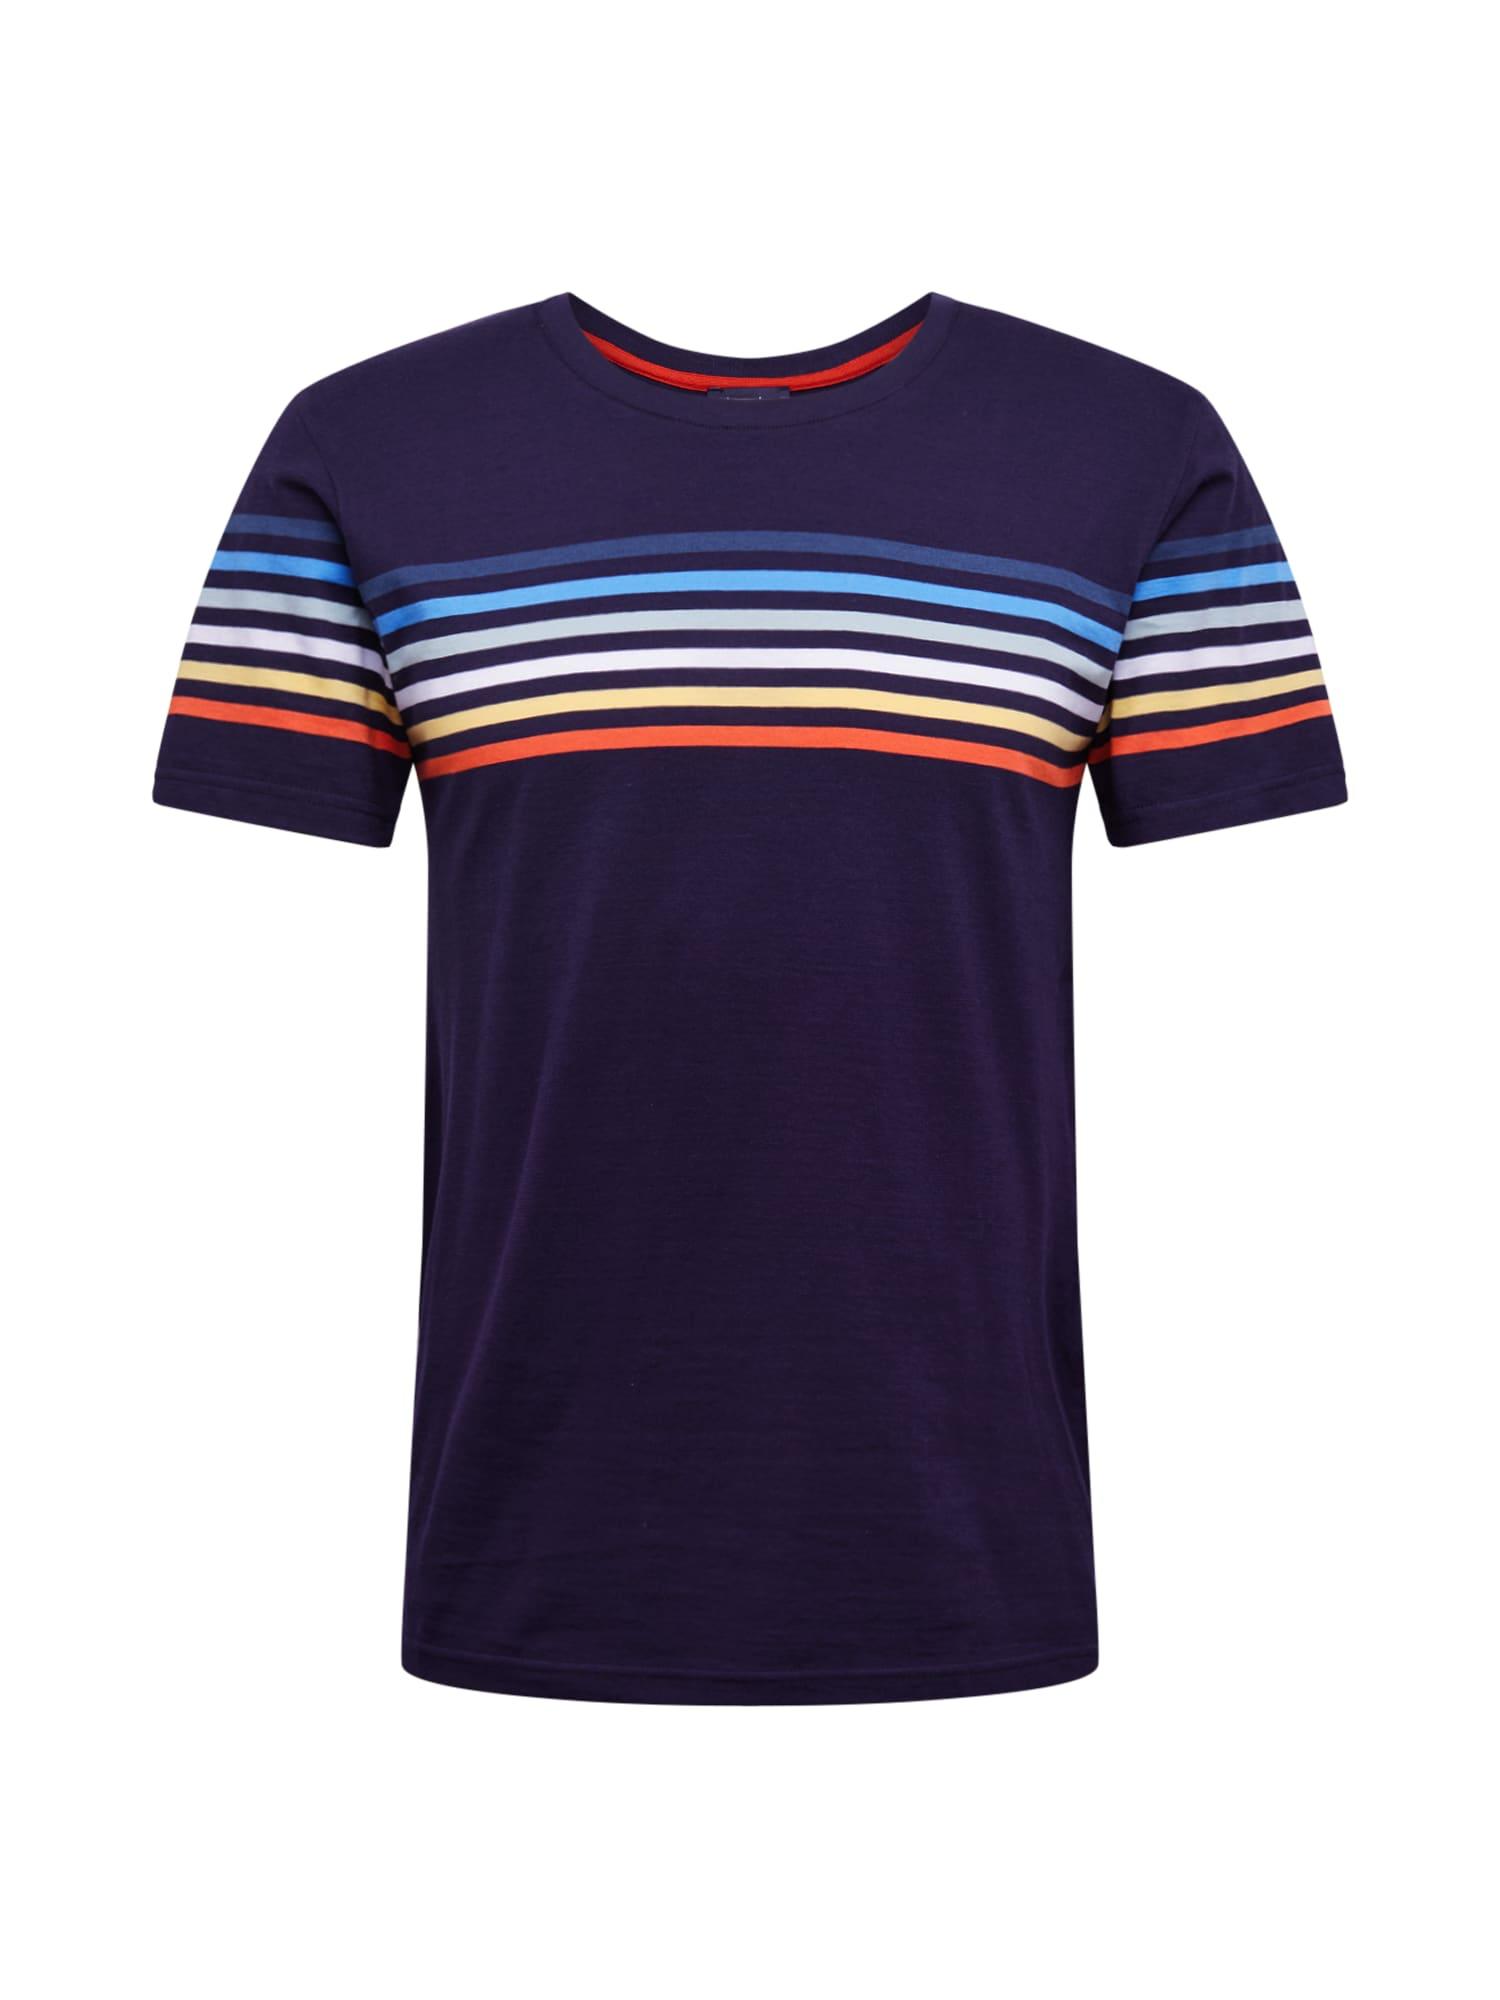 Armor Lux Marškinėliai 'Rayé Placé' mišrios spalvos / tamsiai mėlyna